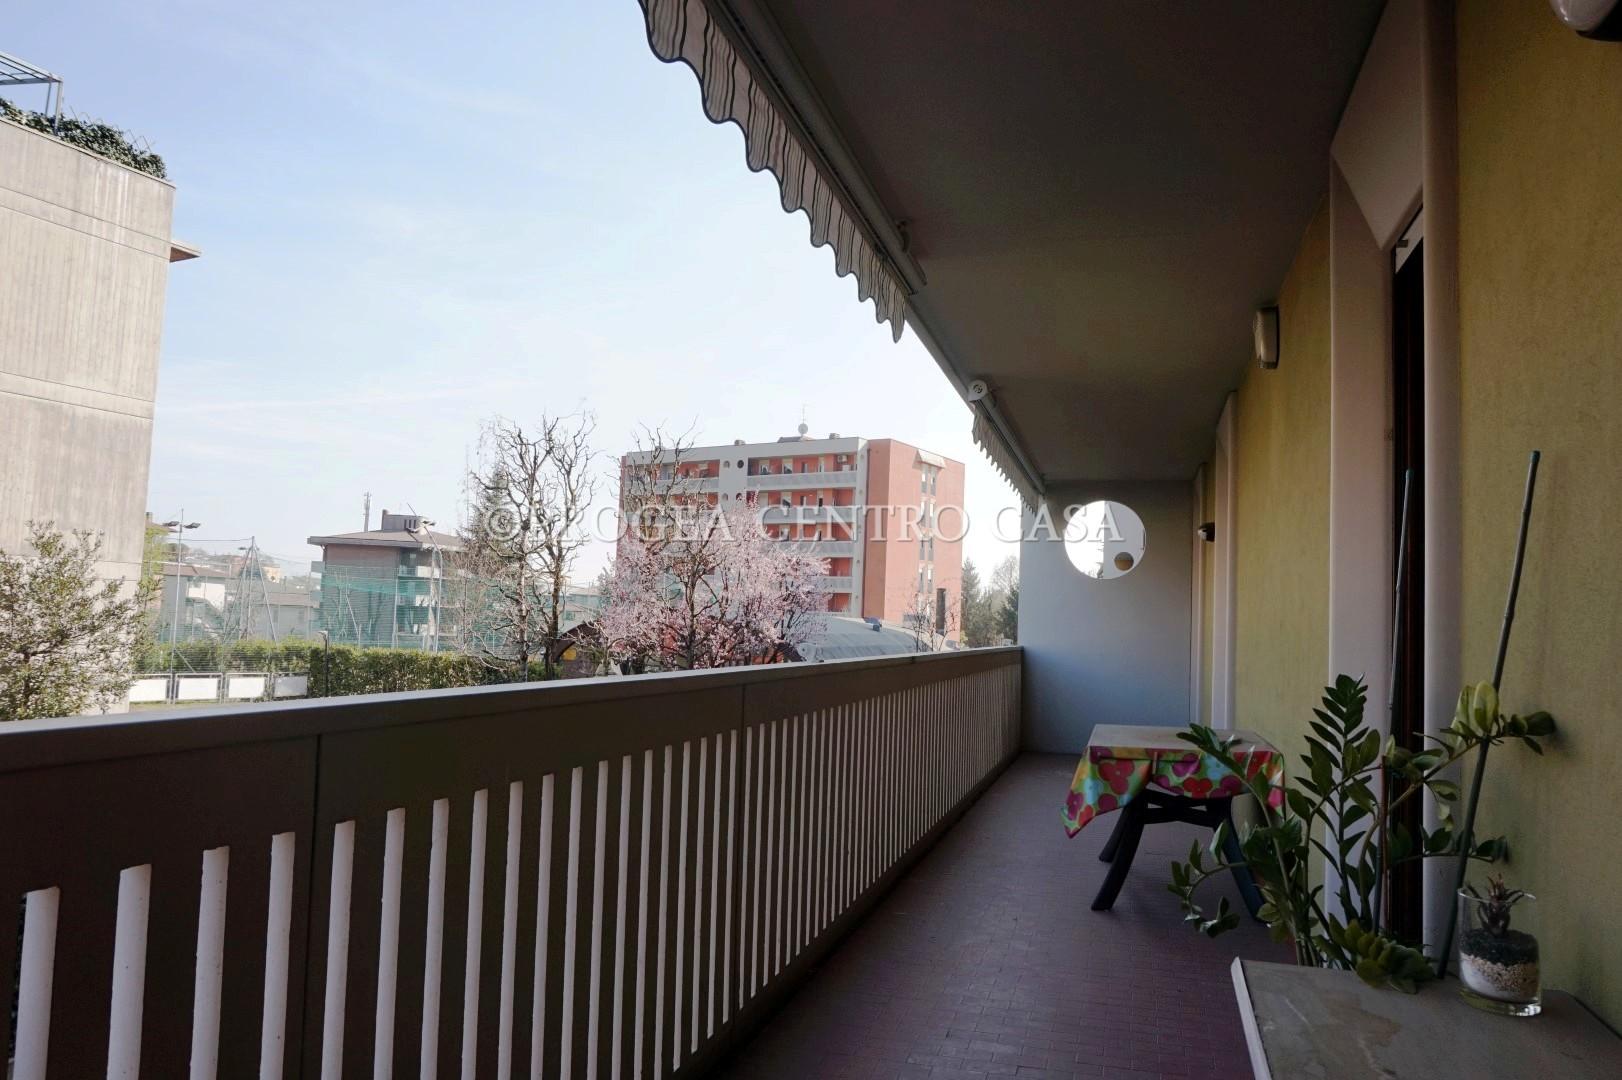 Appartamento trilocale arredato in affitto a bergamo for Affitto carpenedolo arredato